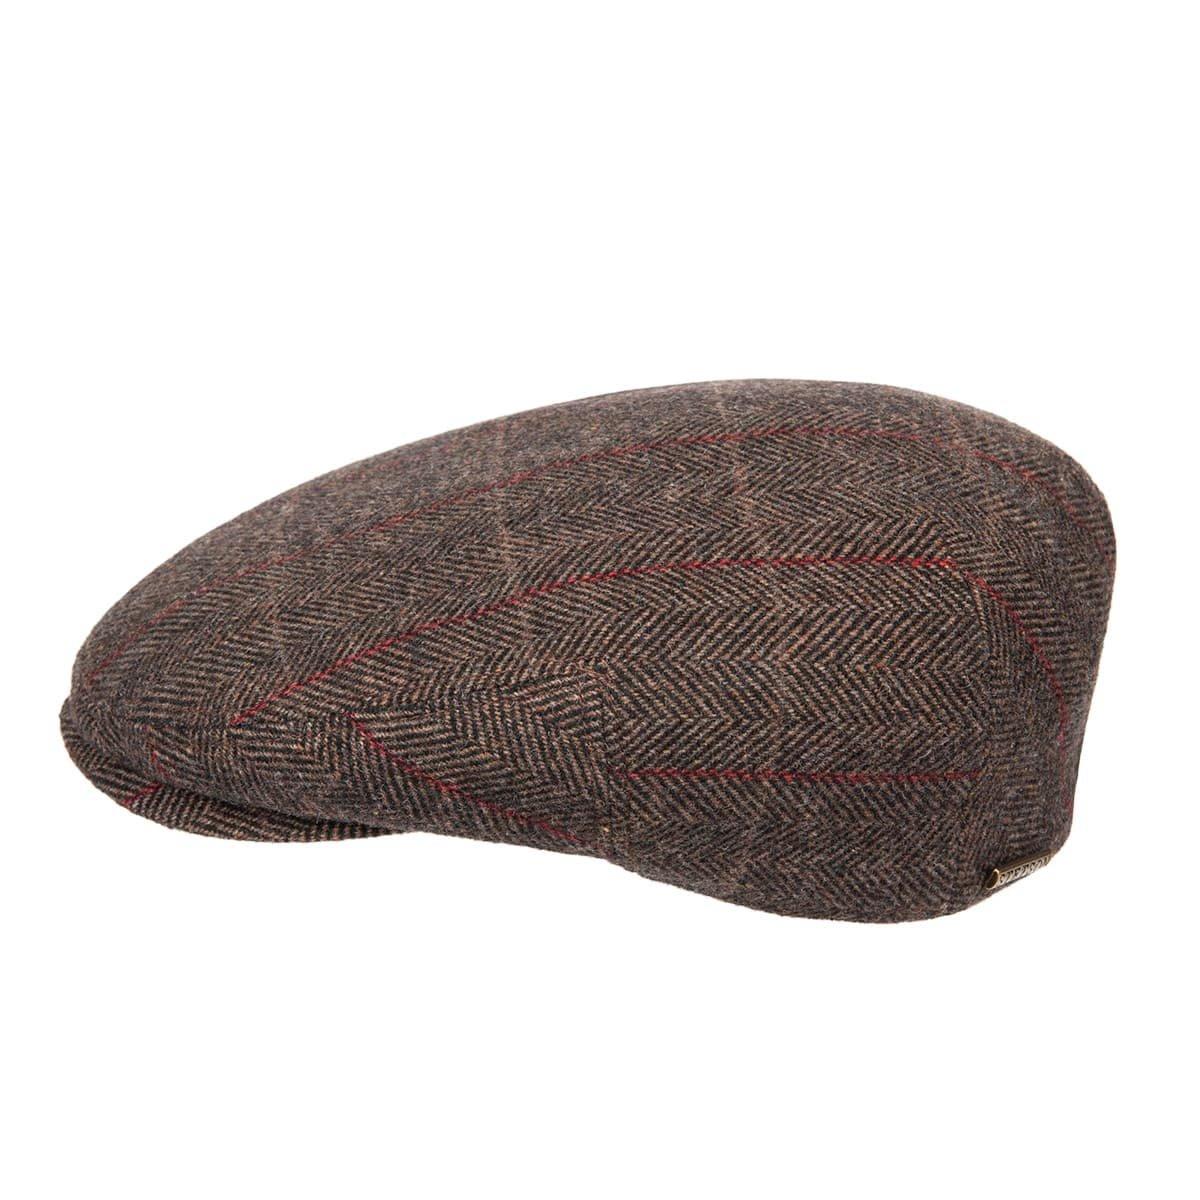 Berretto uomo piatto flatcap Kent wool con paraorecchie firmato STETSON ... 337dfdd24e3a